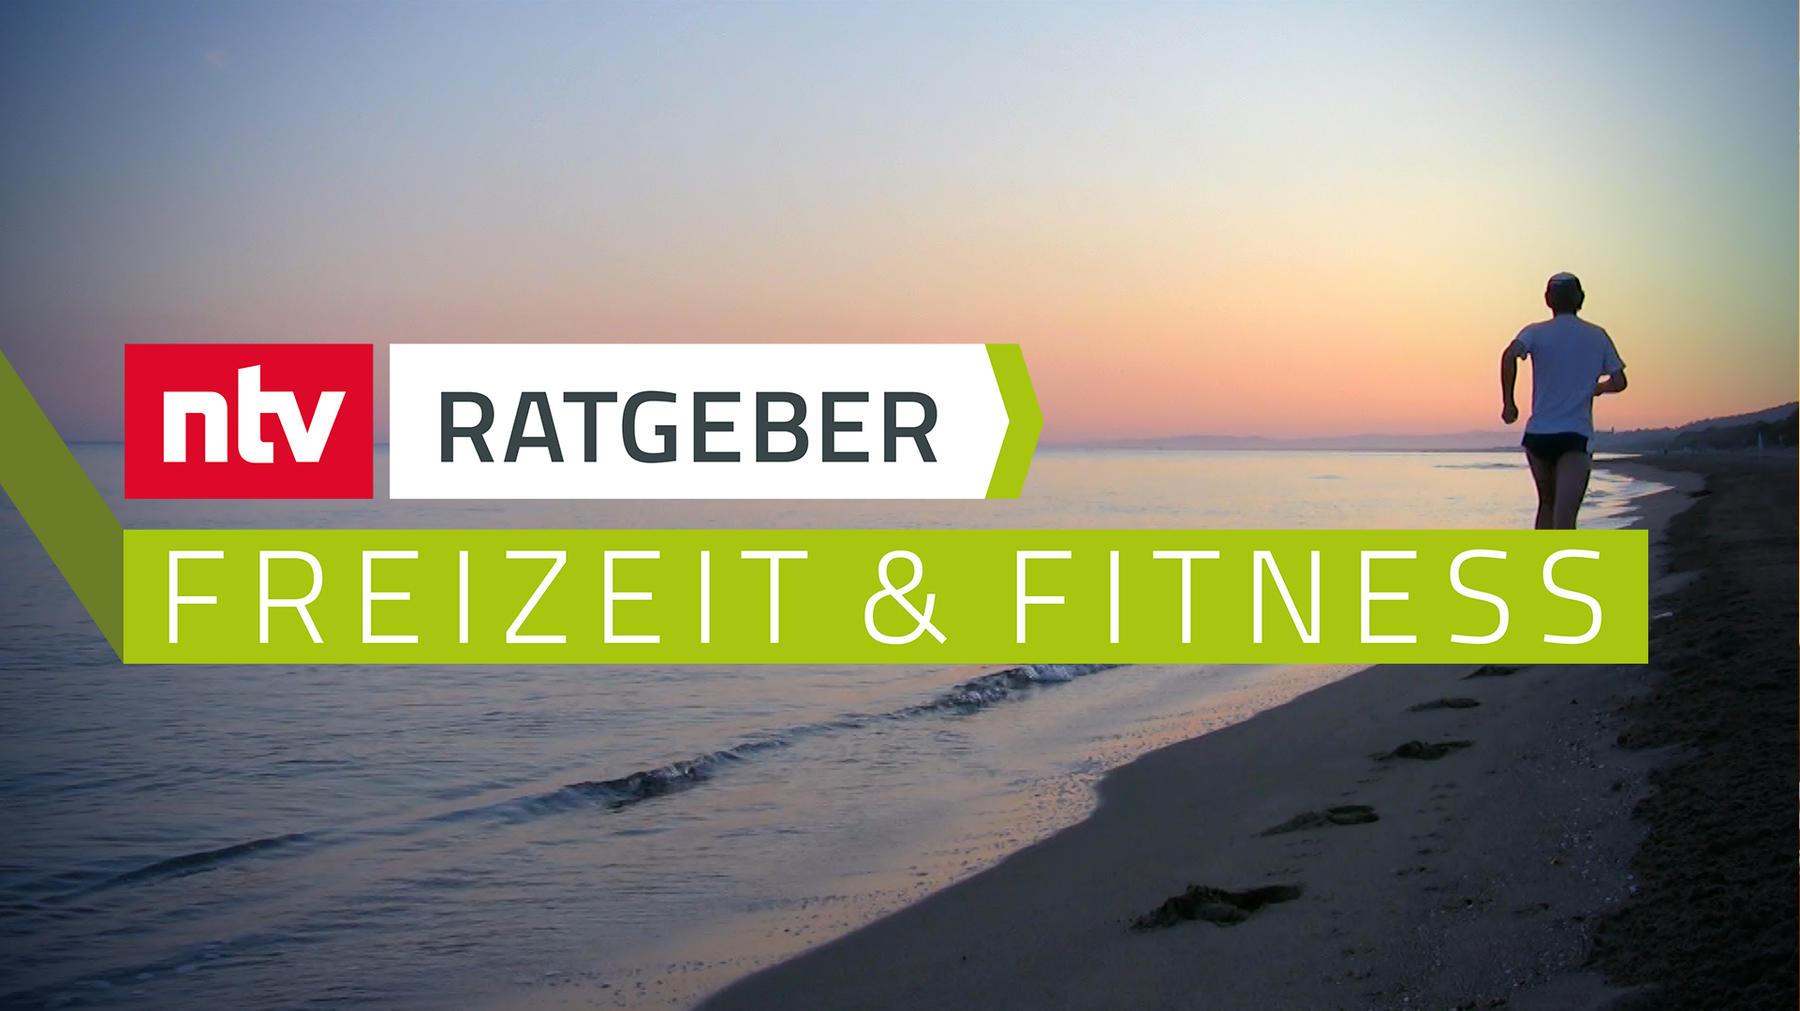 Ratgeber - Freizeit & Fitness